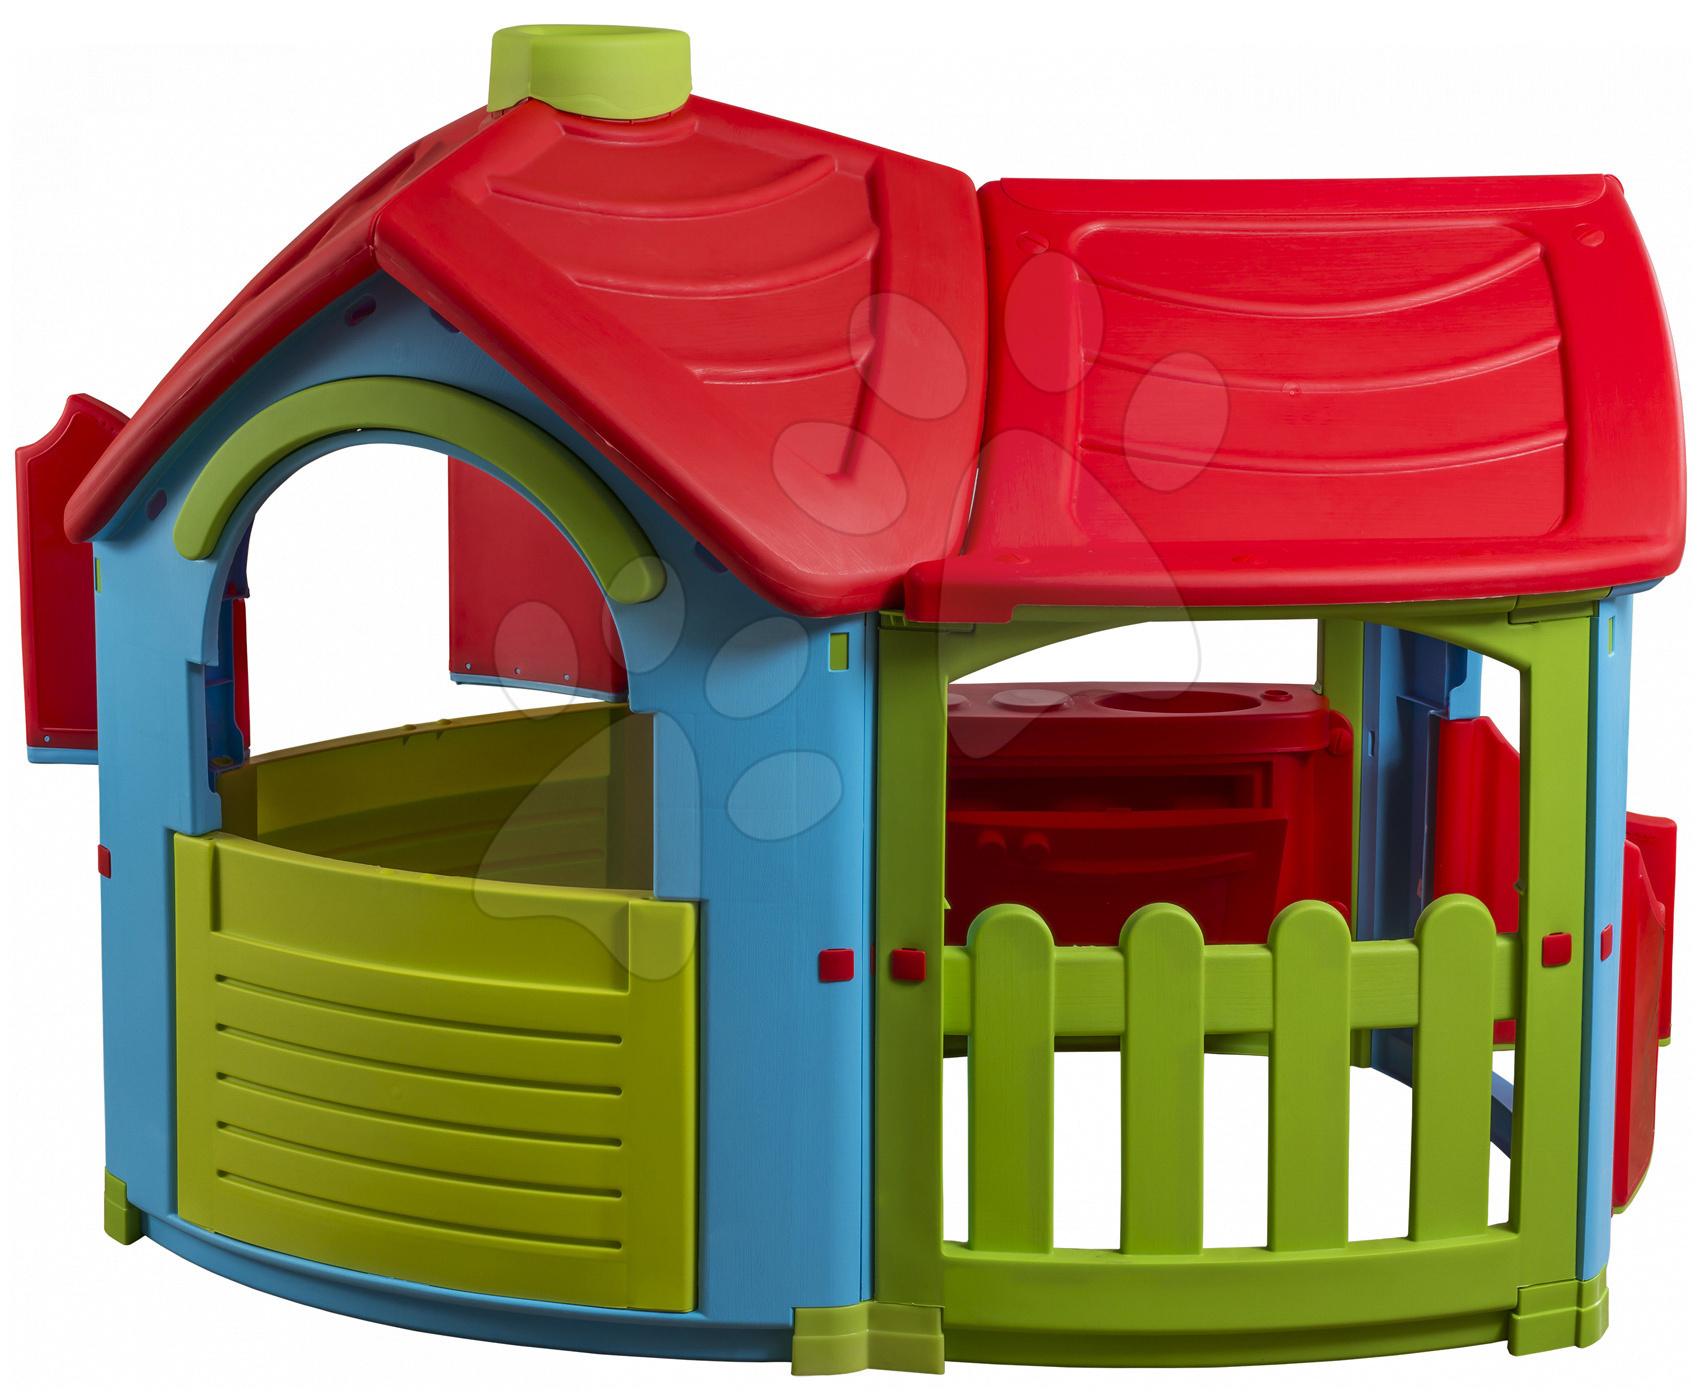 Domeček Triangle Villa PalPlay s kuchyňkou a přístavbou